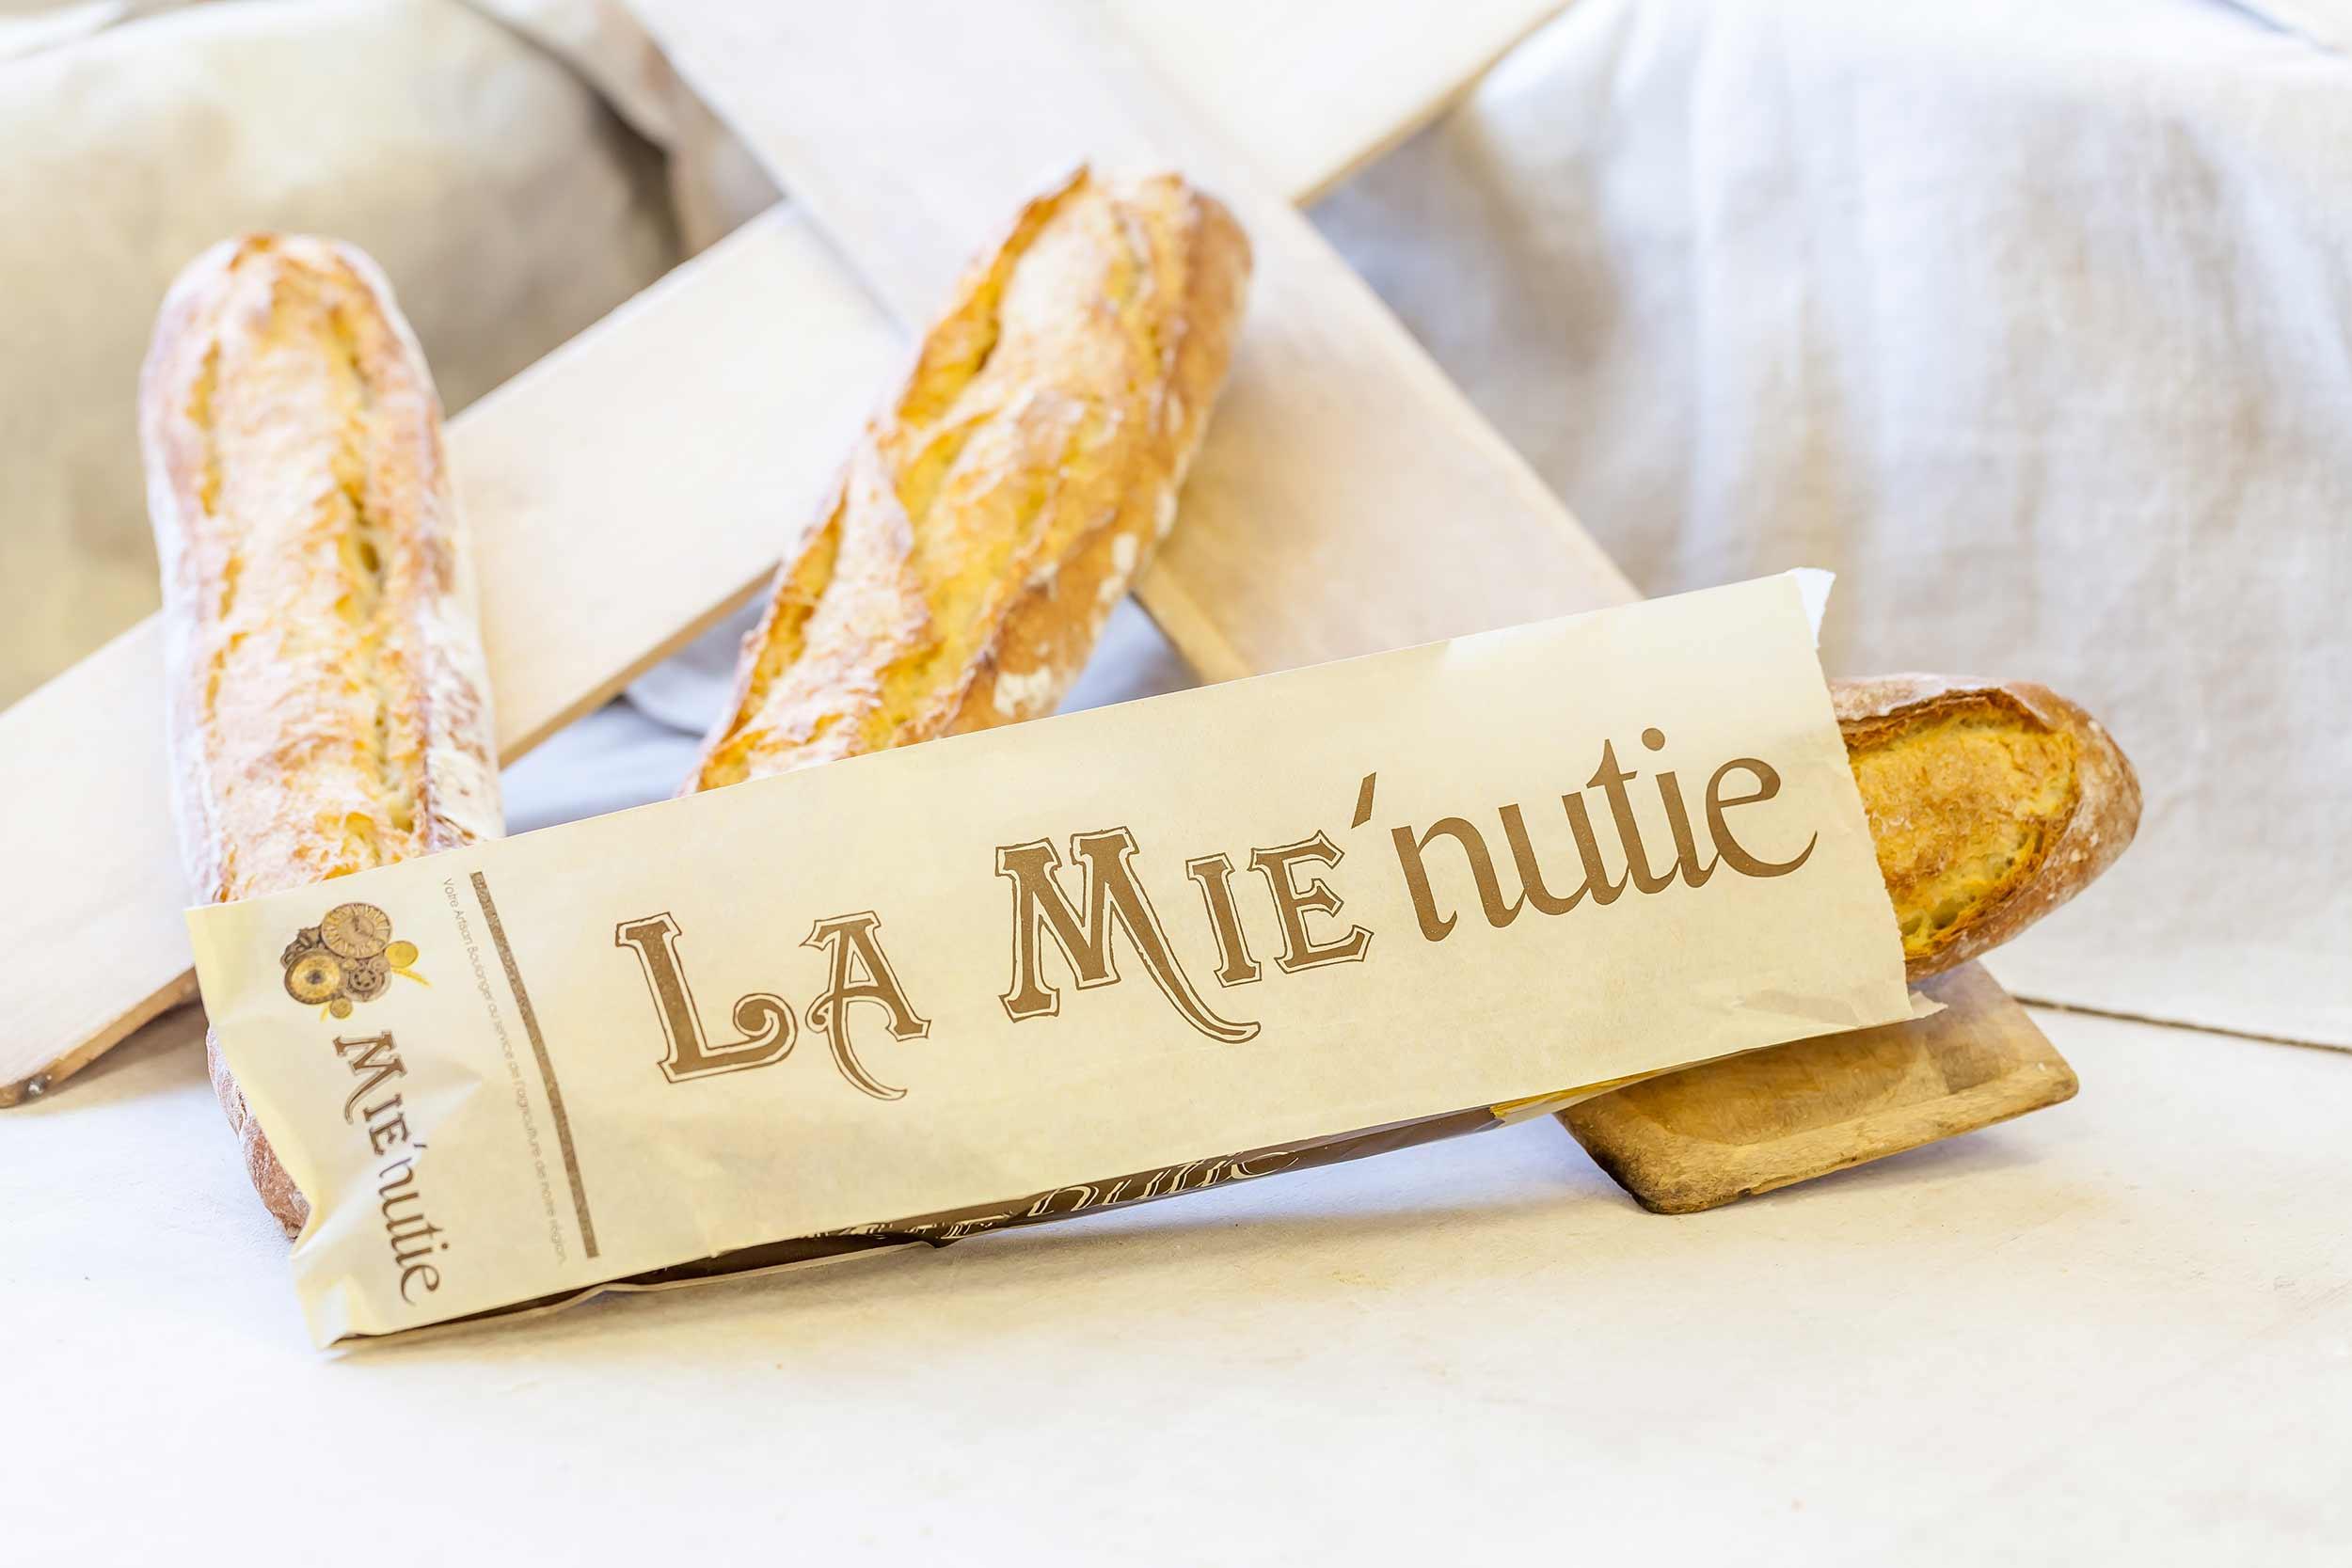 La MIE'nutie- Baguette au blé dur régional